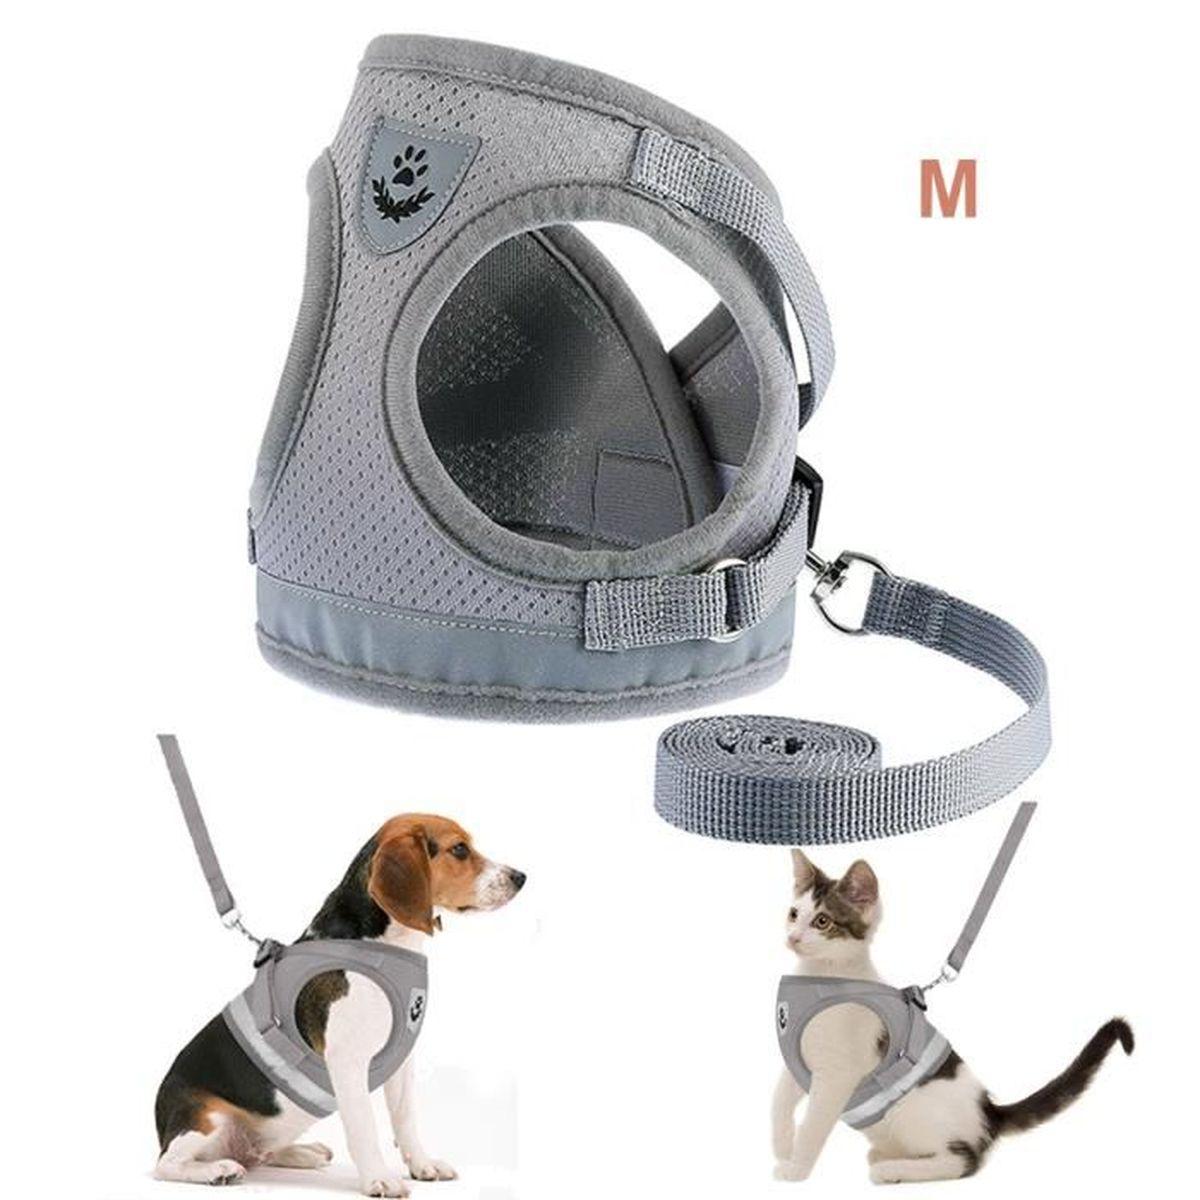 HARNAIS ANIMAL Harnais Doux Reglable avec Laisse pour chien et Ch